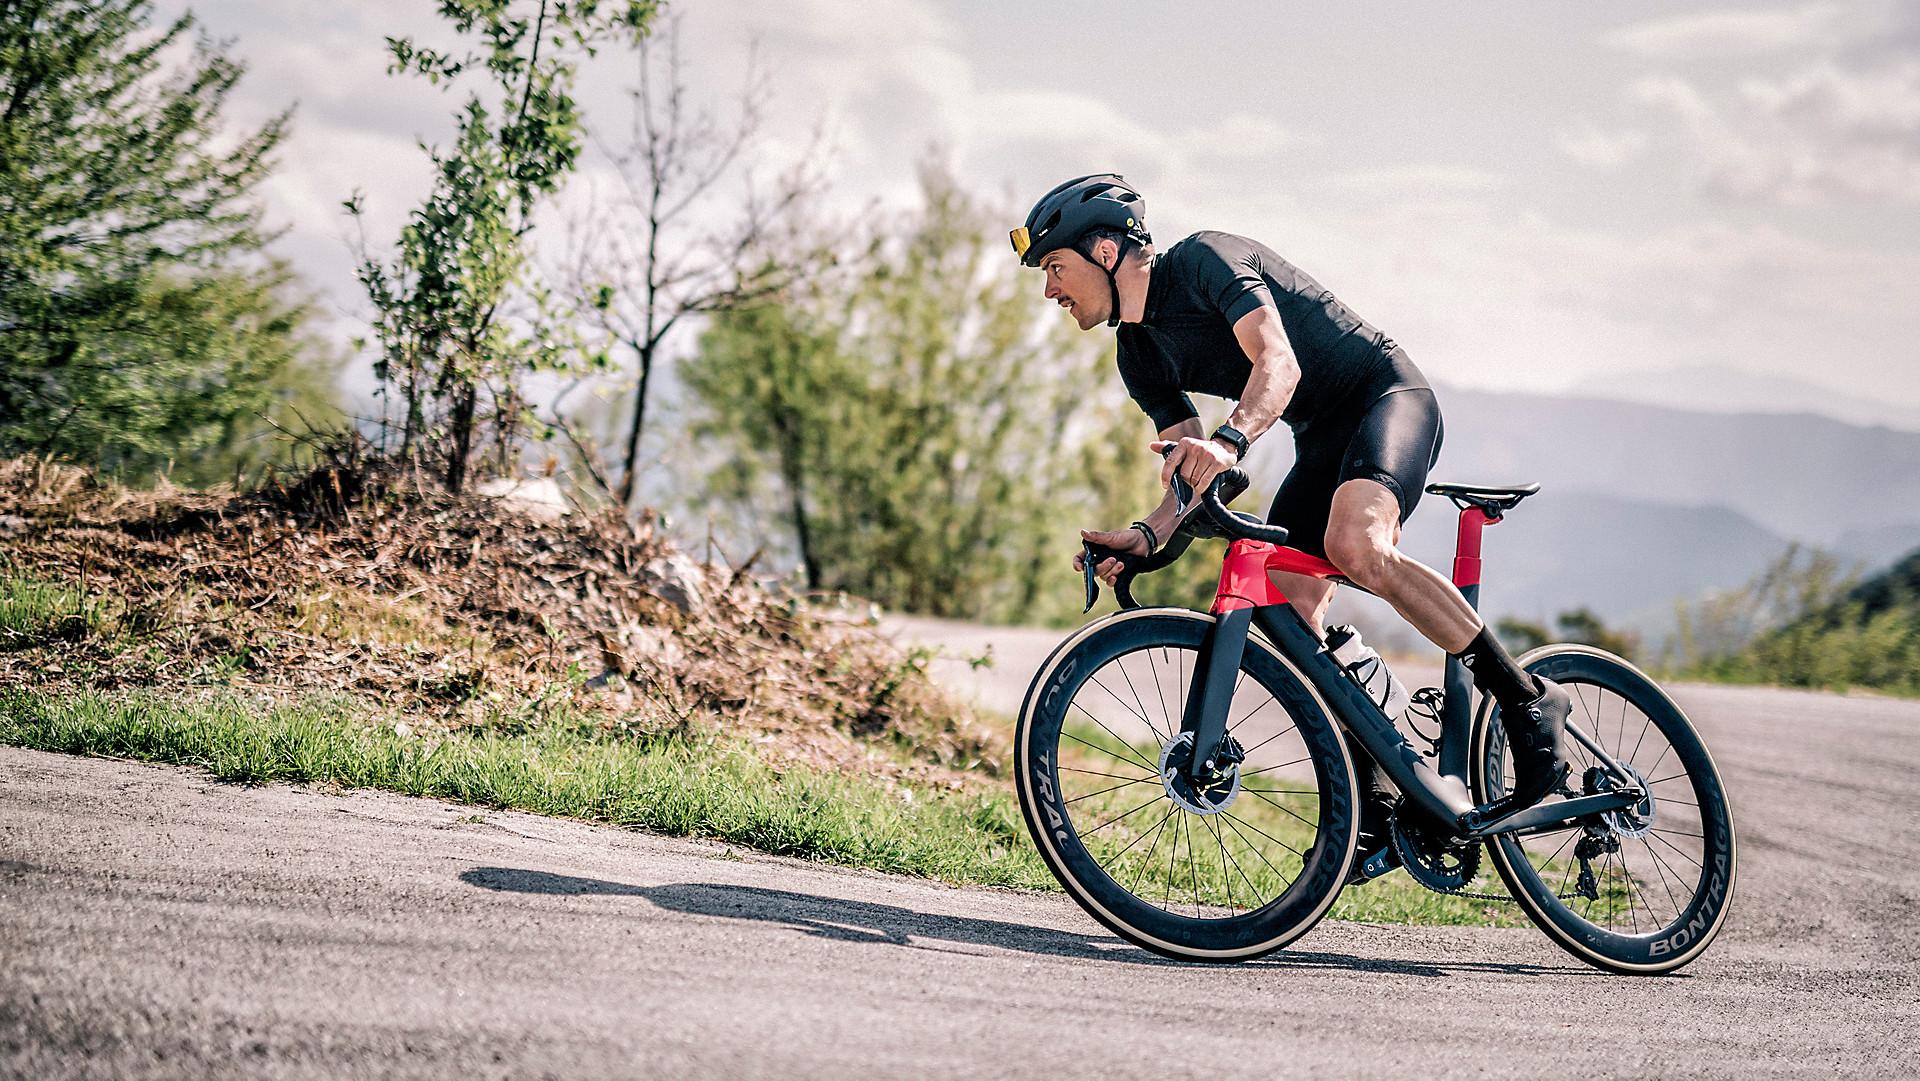 Bici Da Corsa Con Freno A Disco Trek Bikes It